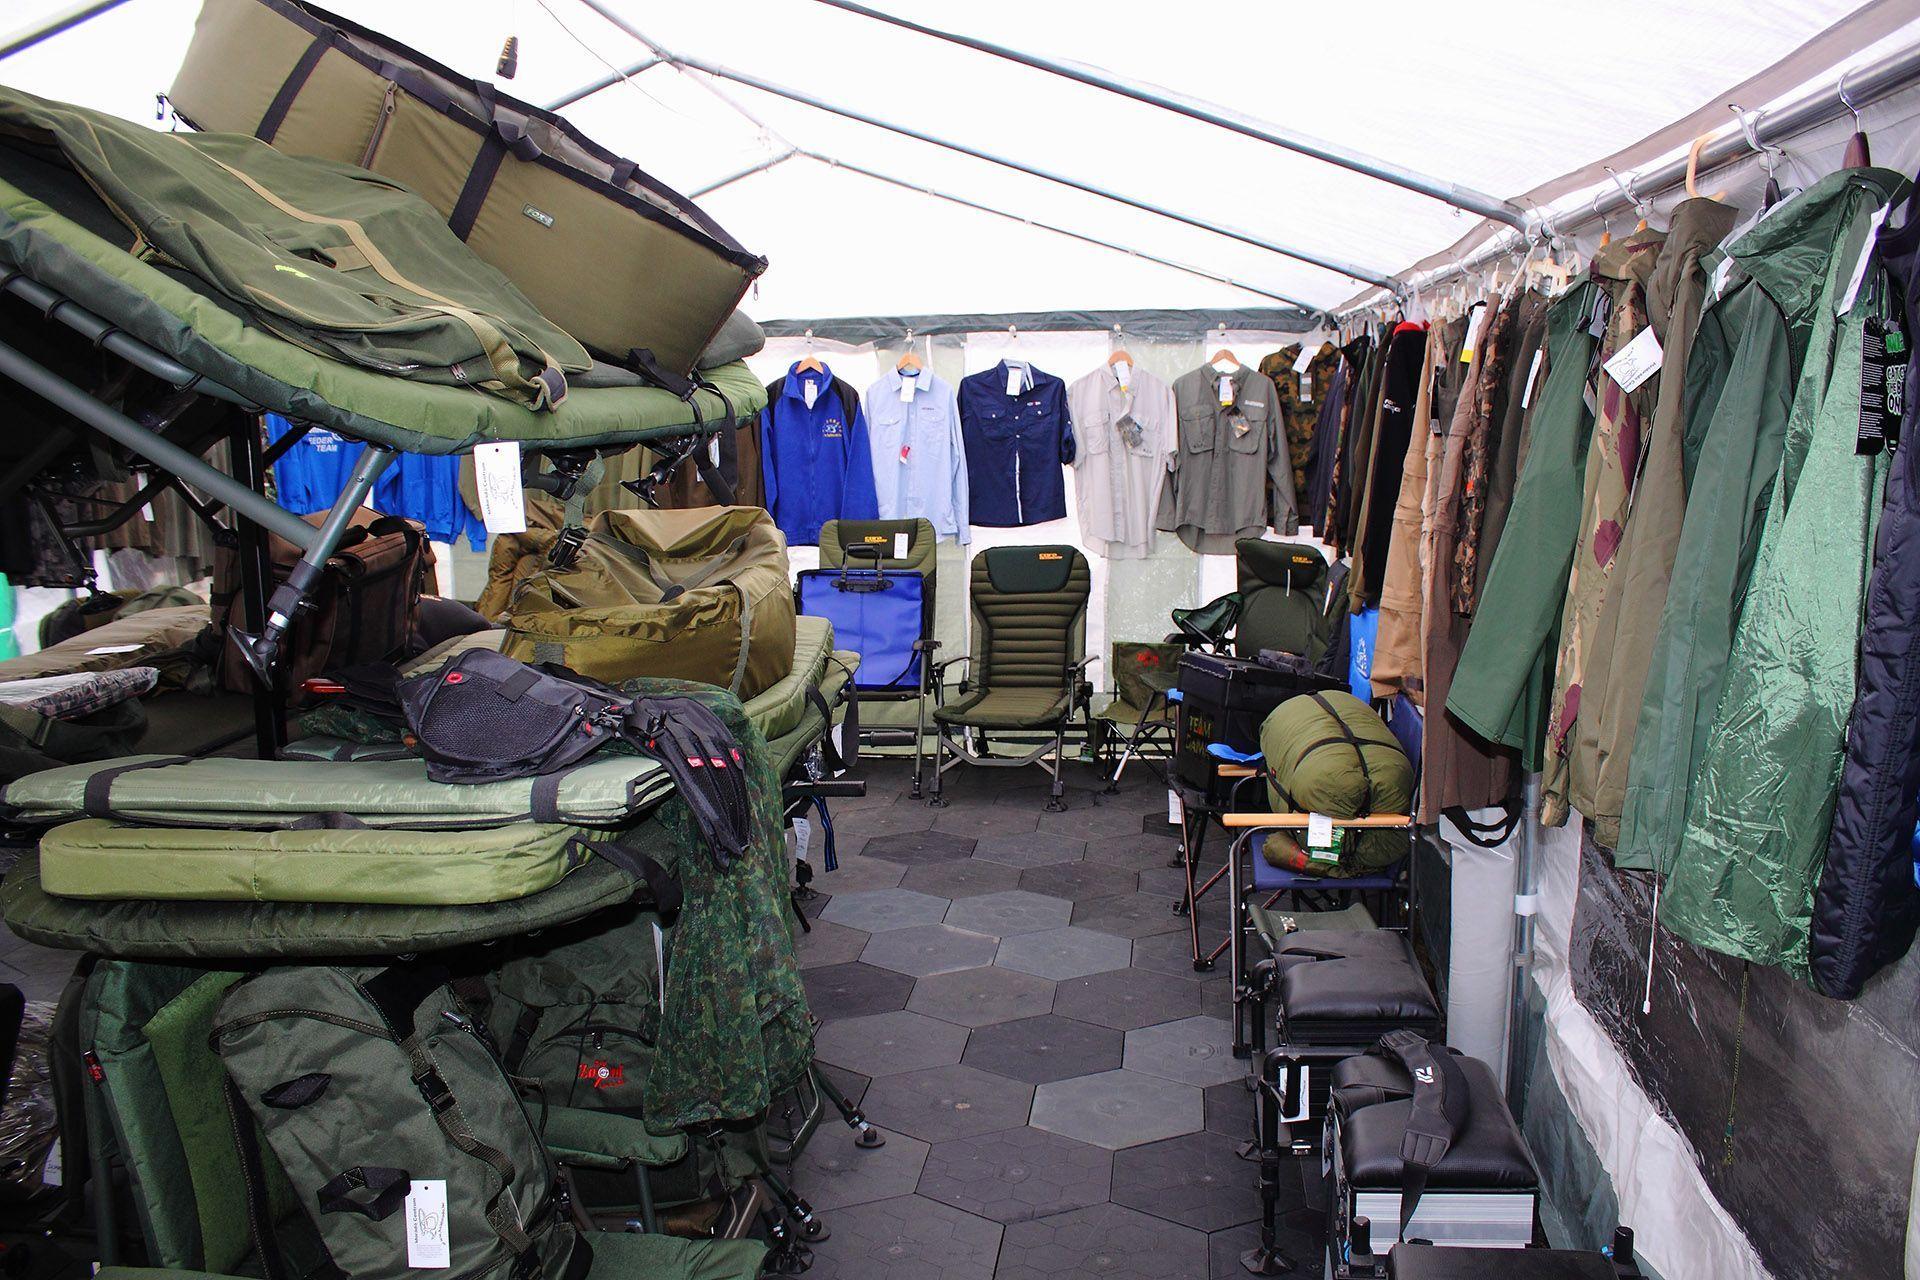 Szintén közkedvelt a külső helyszínek közt a bojlis sátor, ahol a pontyhorgászat darabosabb kiegészítői találhatóak